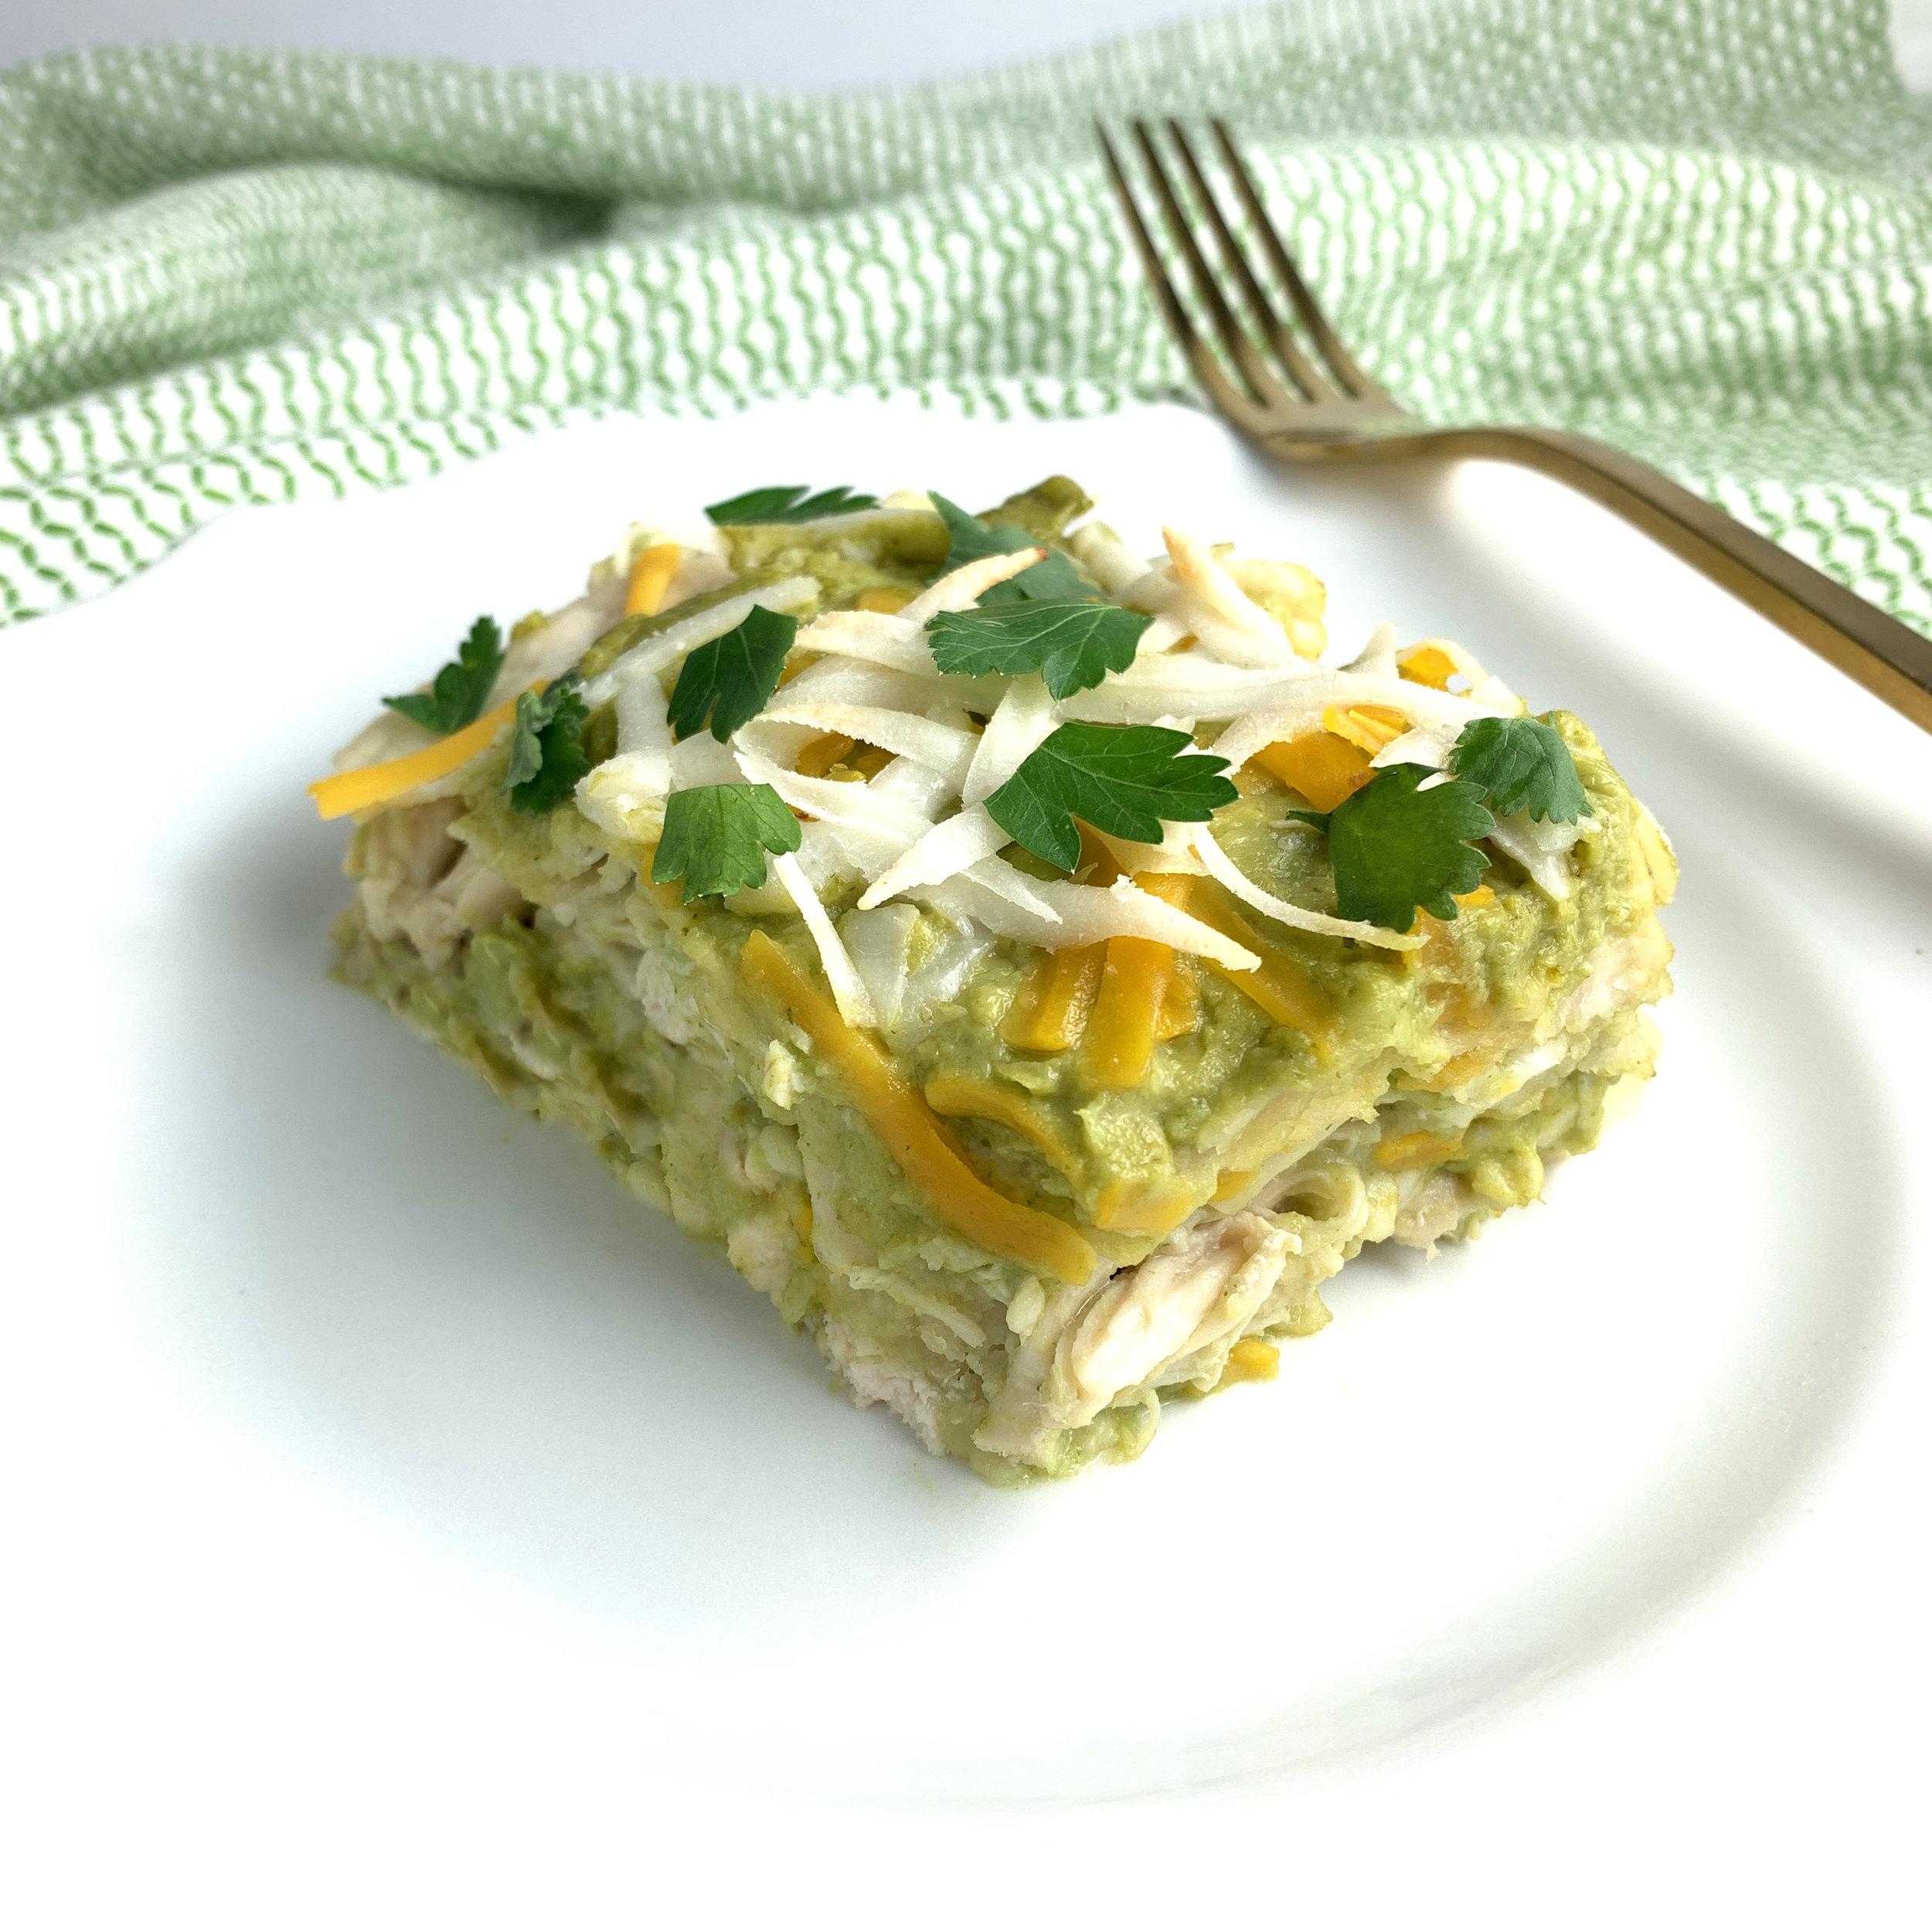 verde chicken enchilada cassarole.jpg